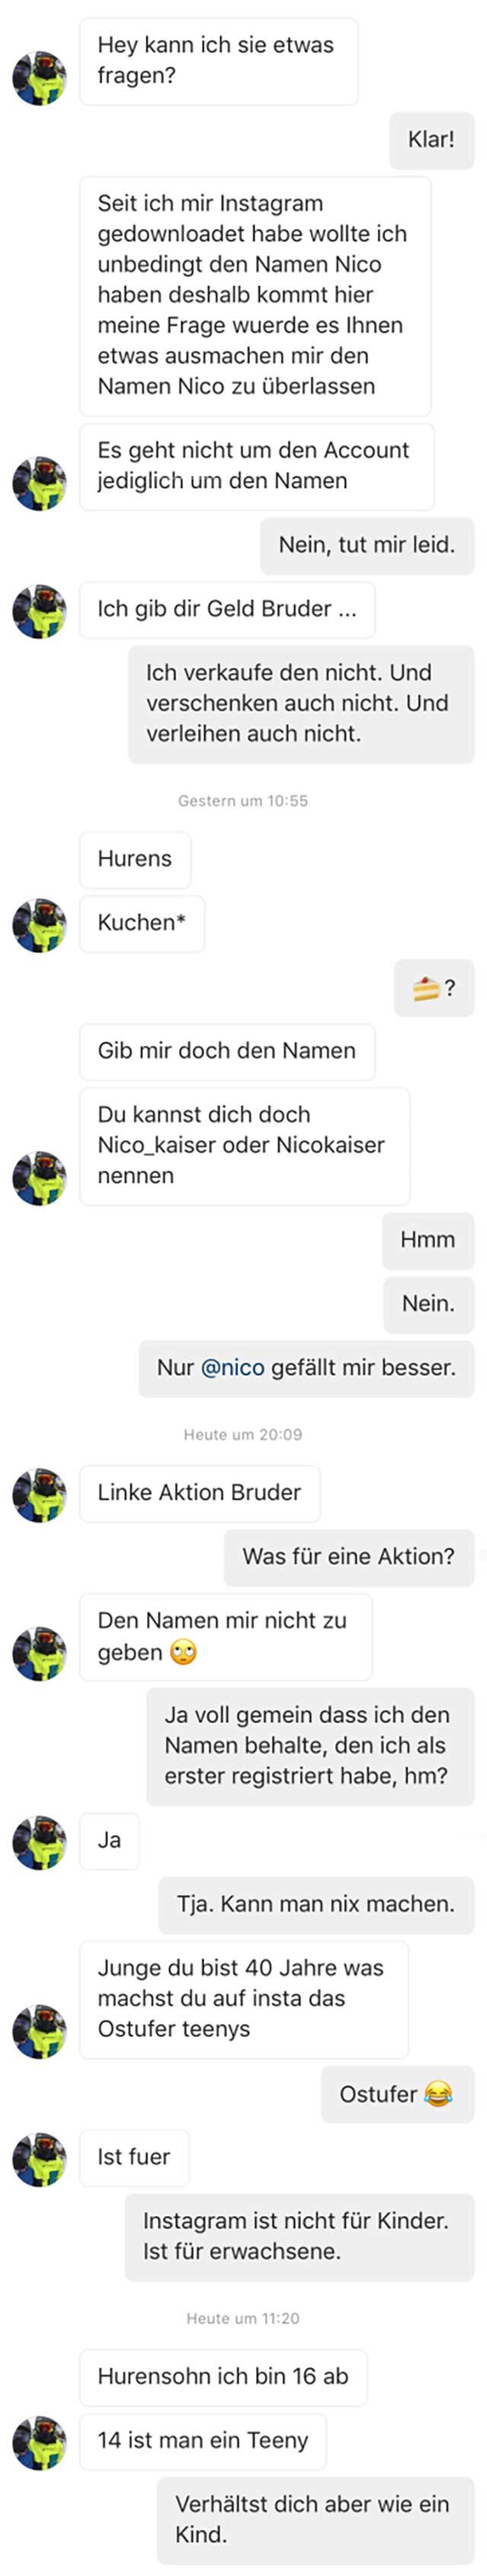 Instagrammer @Nico sammelt Anfragen zu seinem Benutzernamen can-i-have-your-instagram-name_08